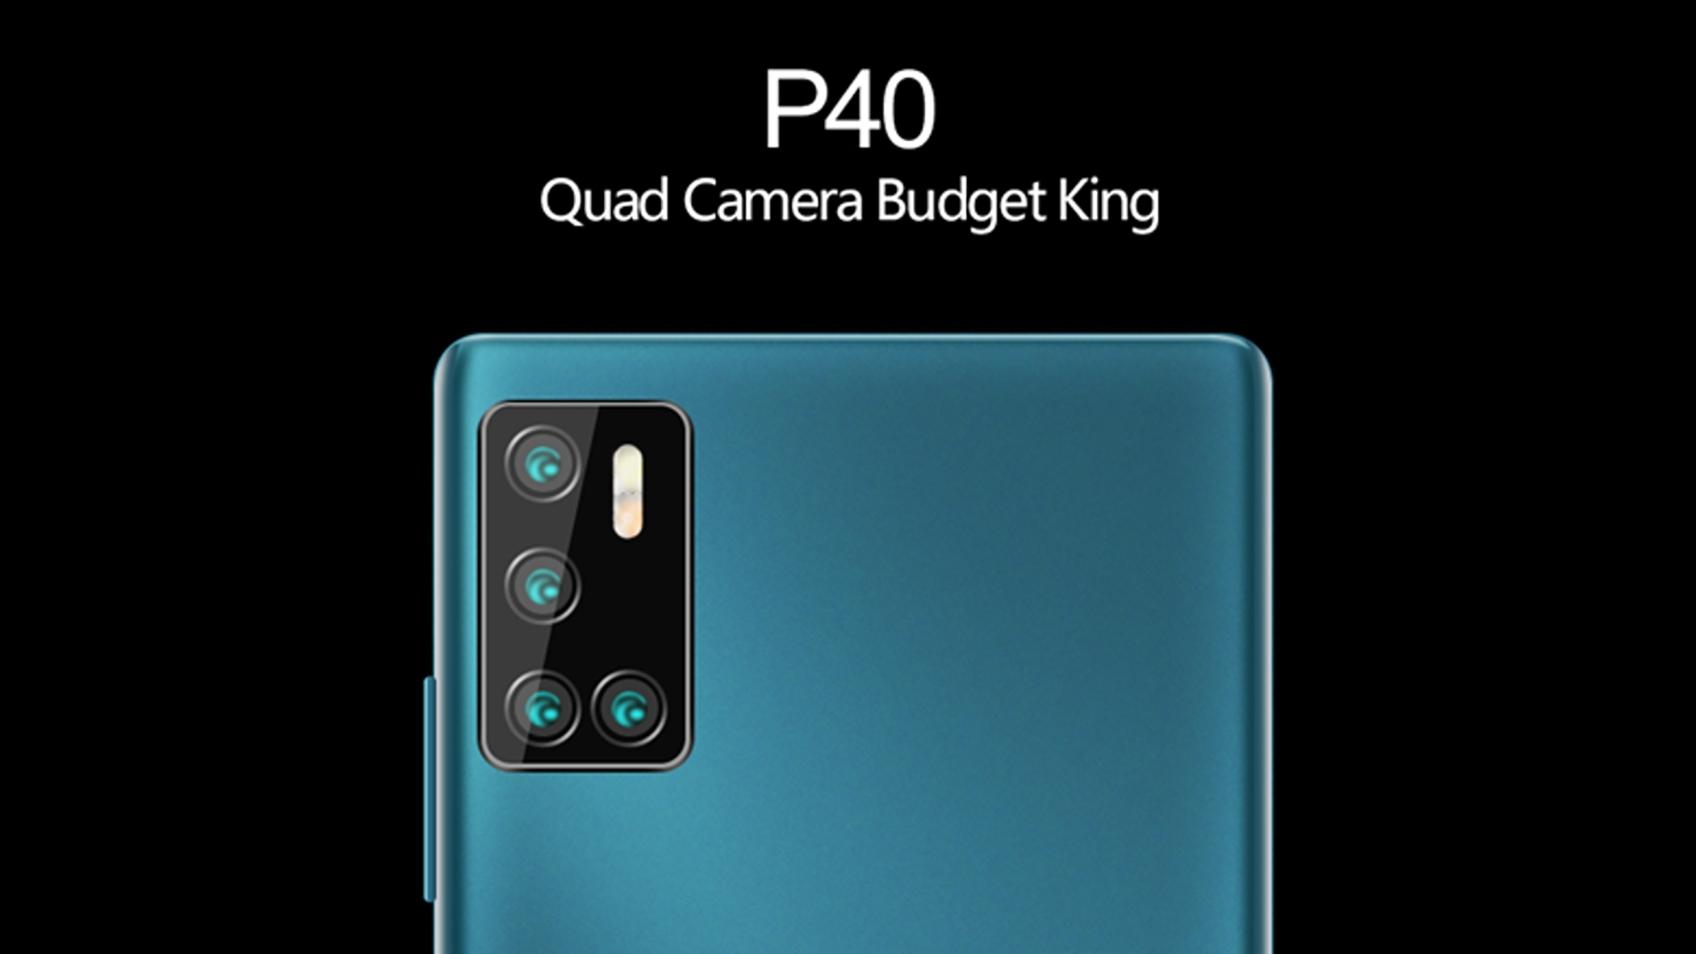 Král dostupných telefonů se čtyřmi foťáky Cubot P40 má dorazit již 18. května [sponzorovaný článek]